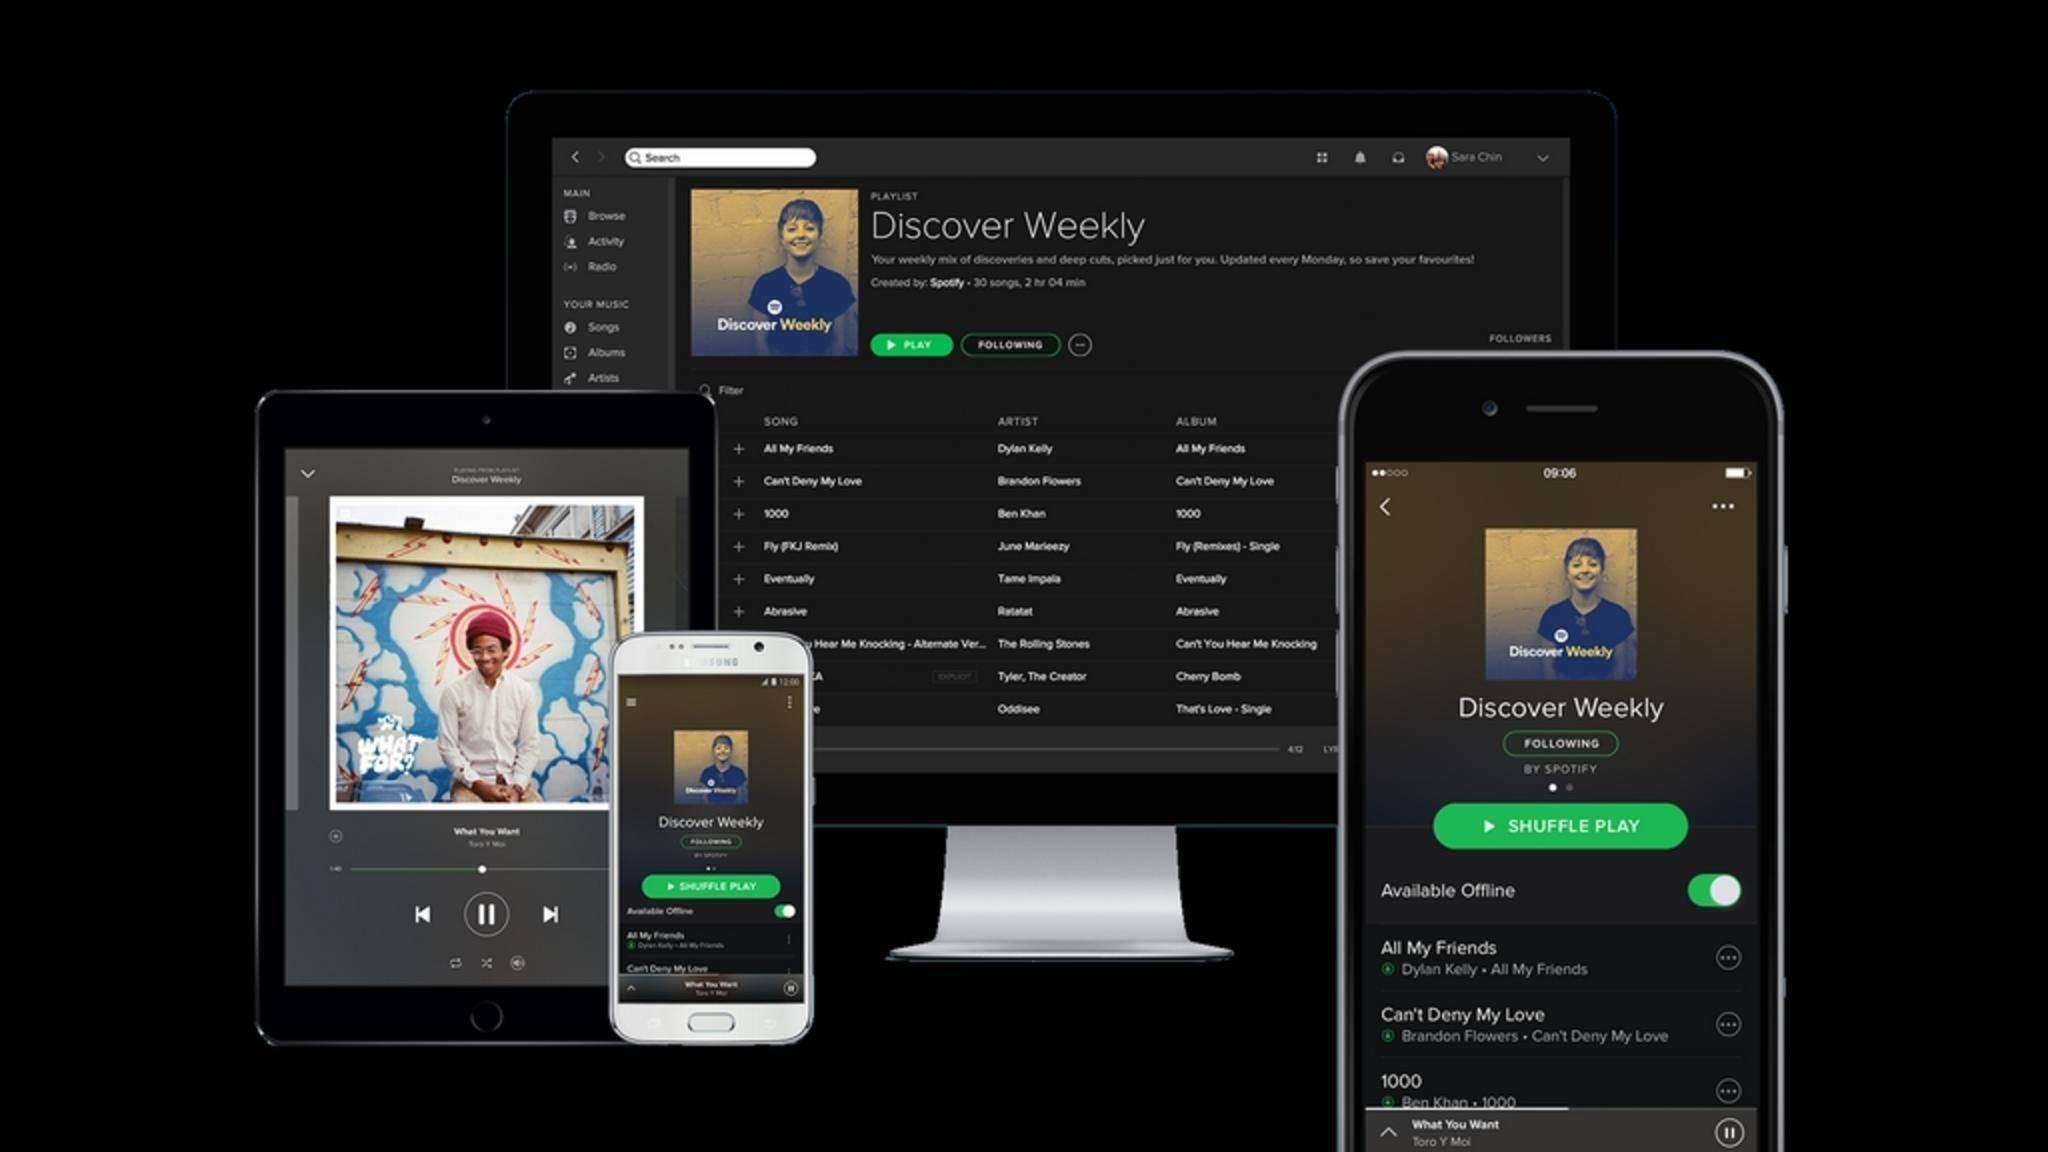 Spotify Connect streamt Musik auf viele verschiedene Endgeräte.